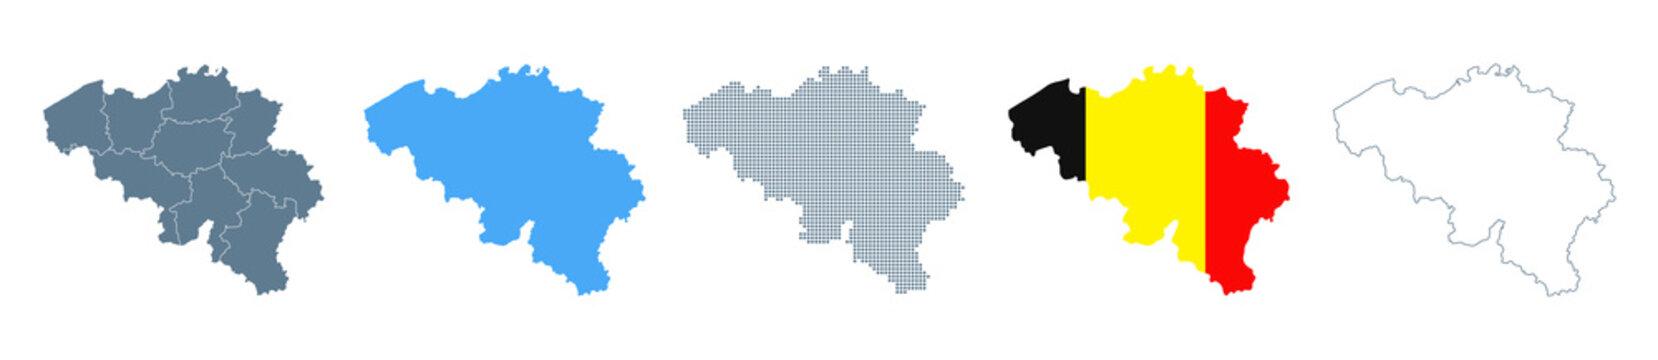 Belgium Map Set - Vector Solid, Contour, Regions, Flag, Pixels